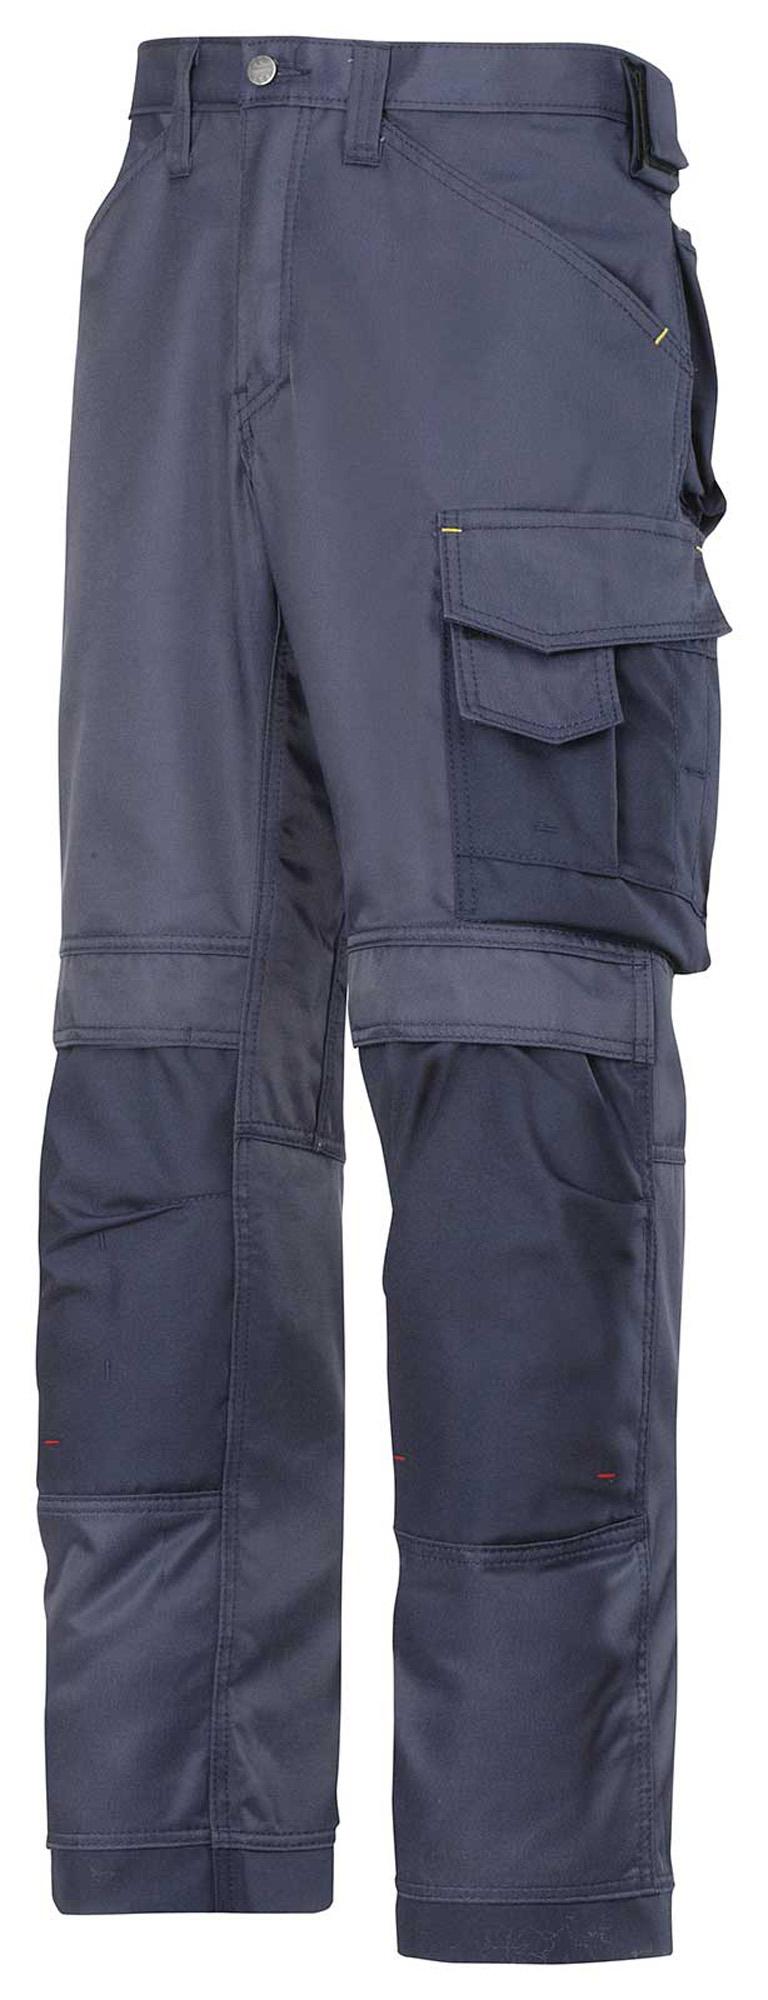 Snickers DuraTwill Trabajo Pantalones Pantalones Pantalones Con Bolsillos En Las Rodilleras. Oficial 49611d